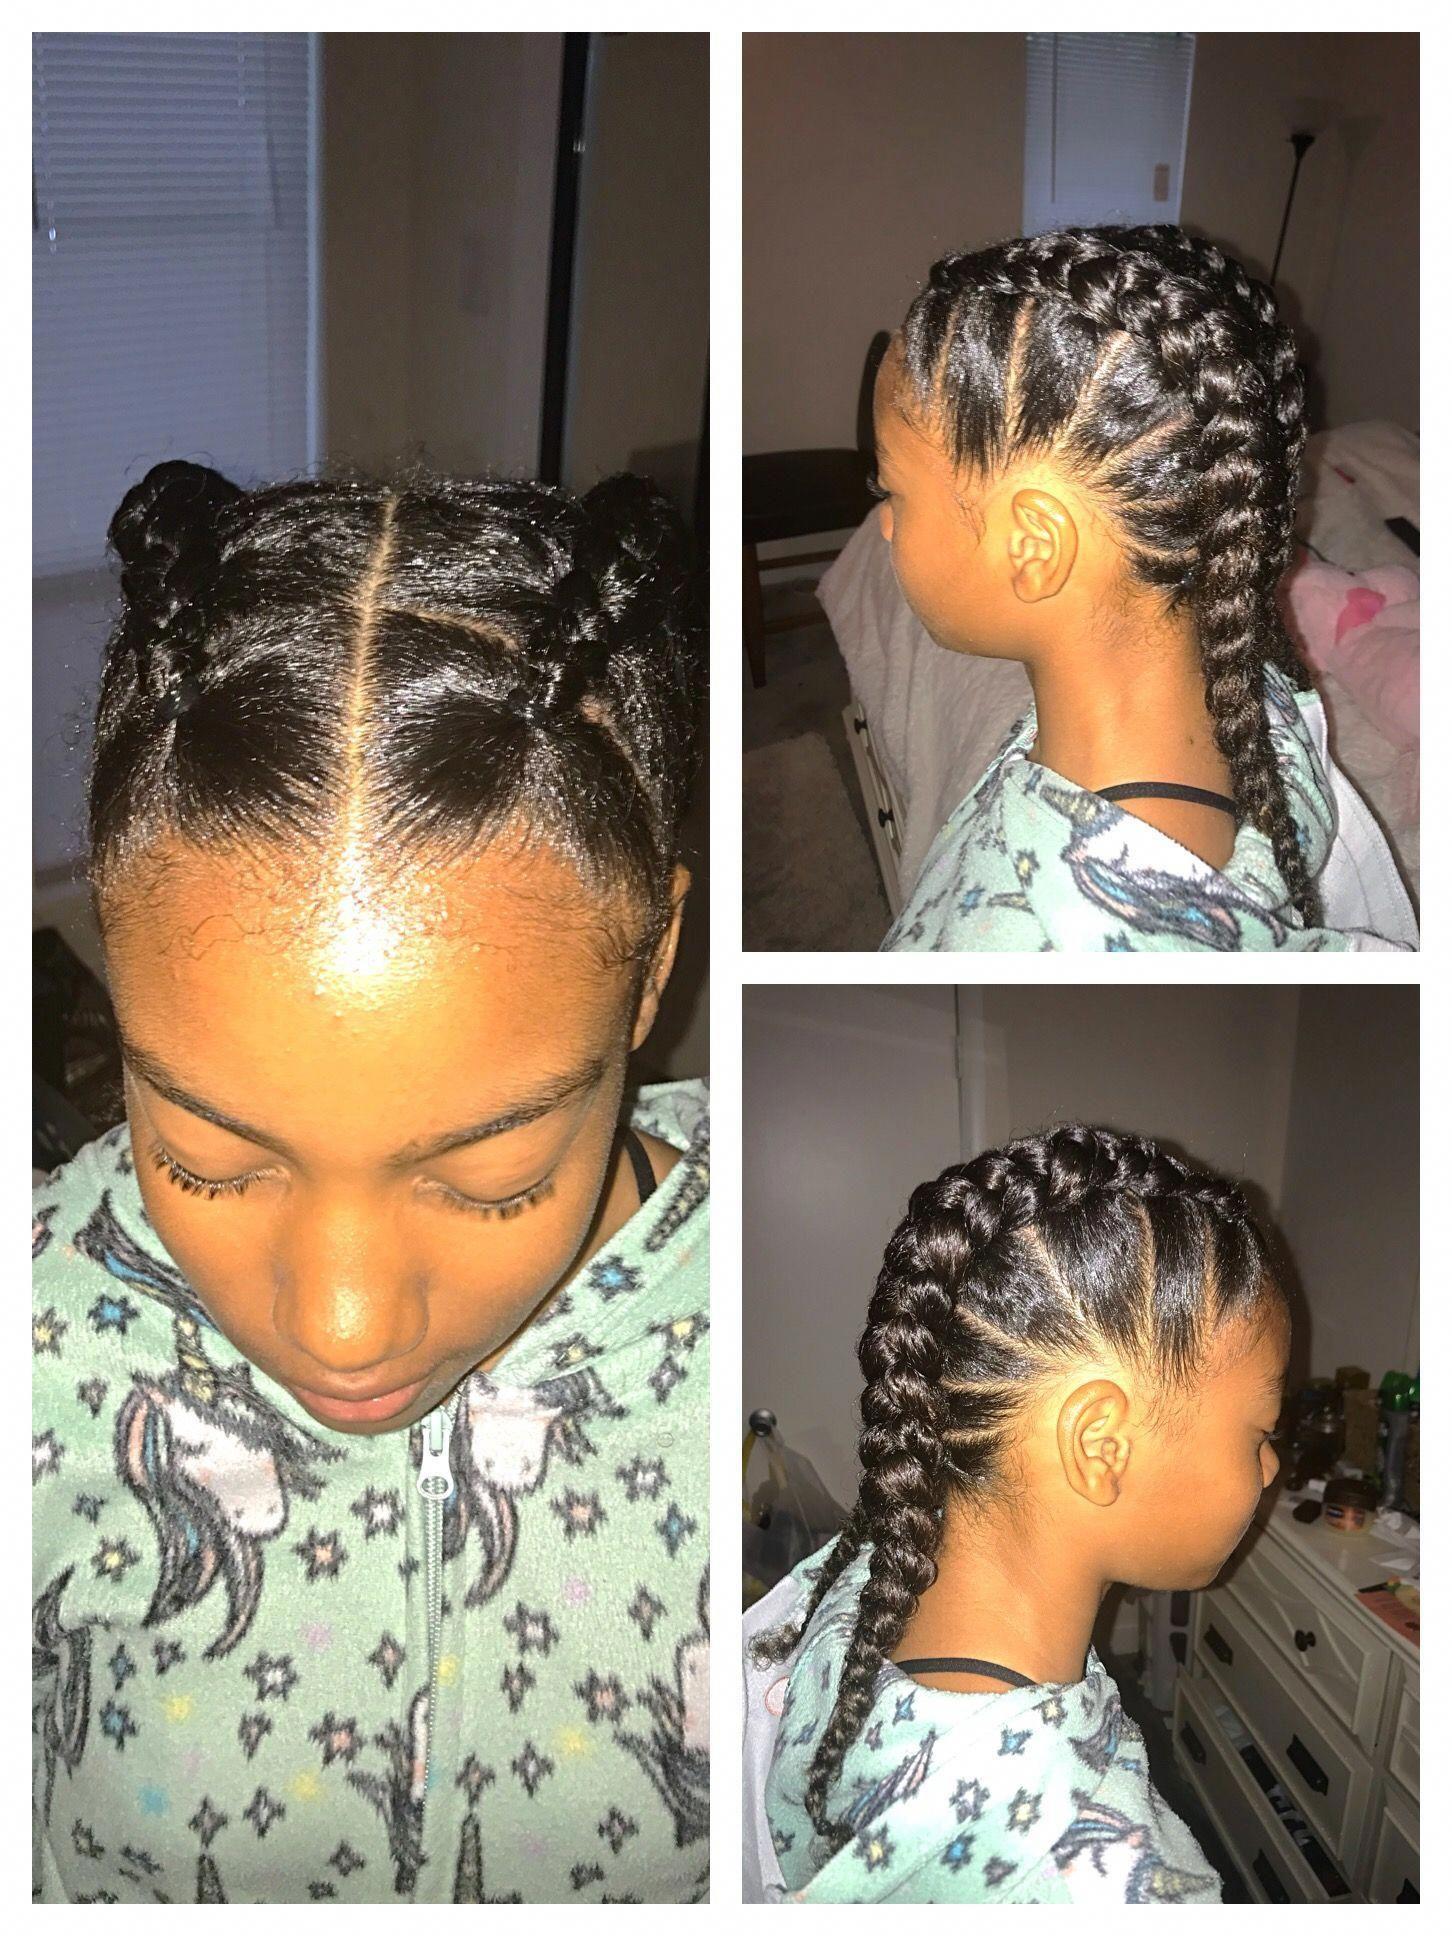 Braid Hairstyles For Black Women Children Littlegirlhairdos Girls Hairstyles Braids Girls Natural Hairstyles Kids Braided Hairstyles